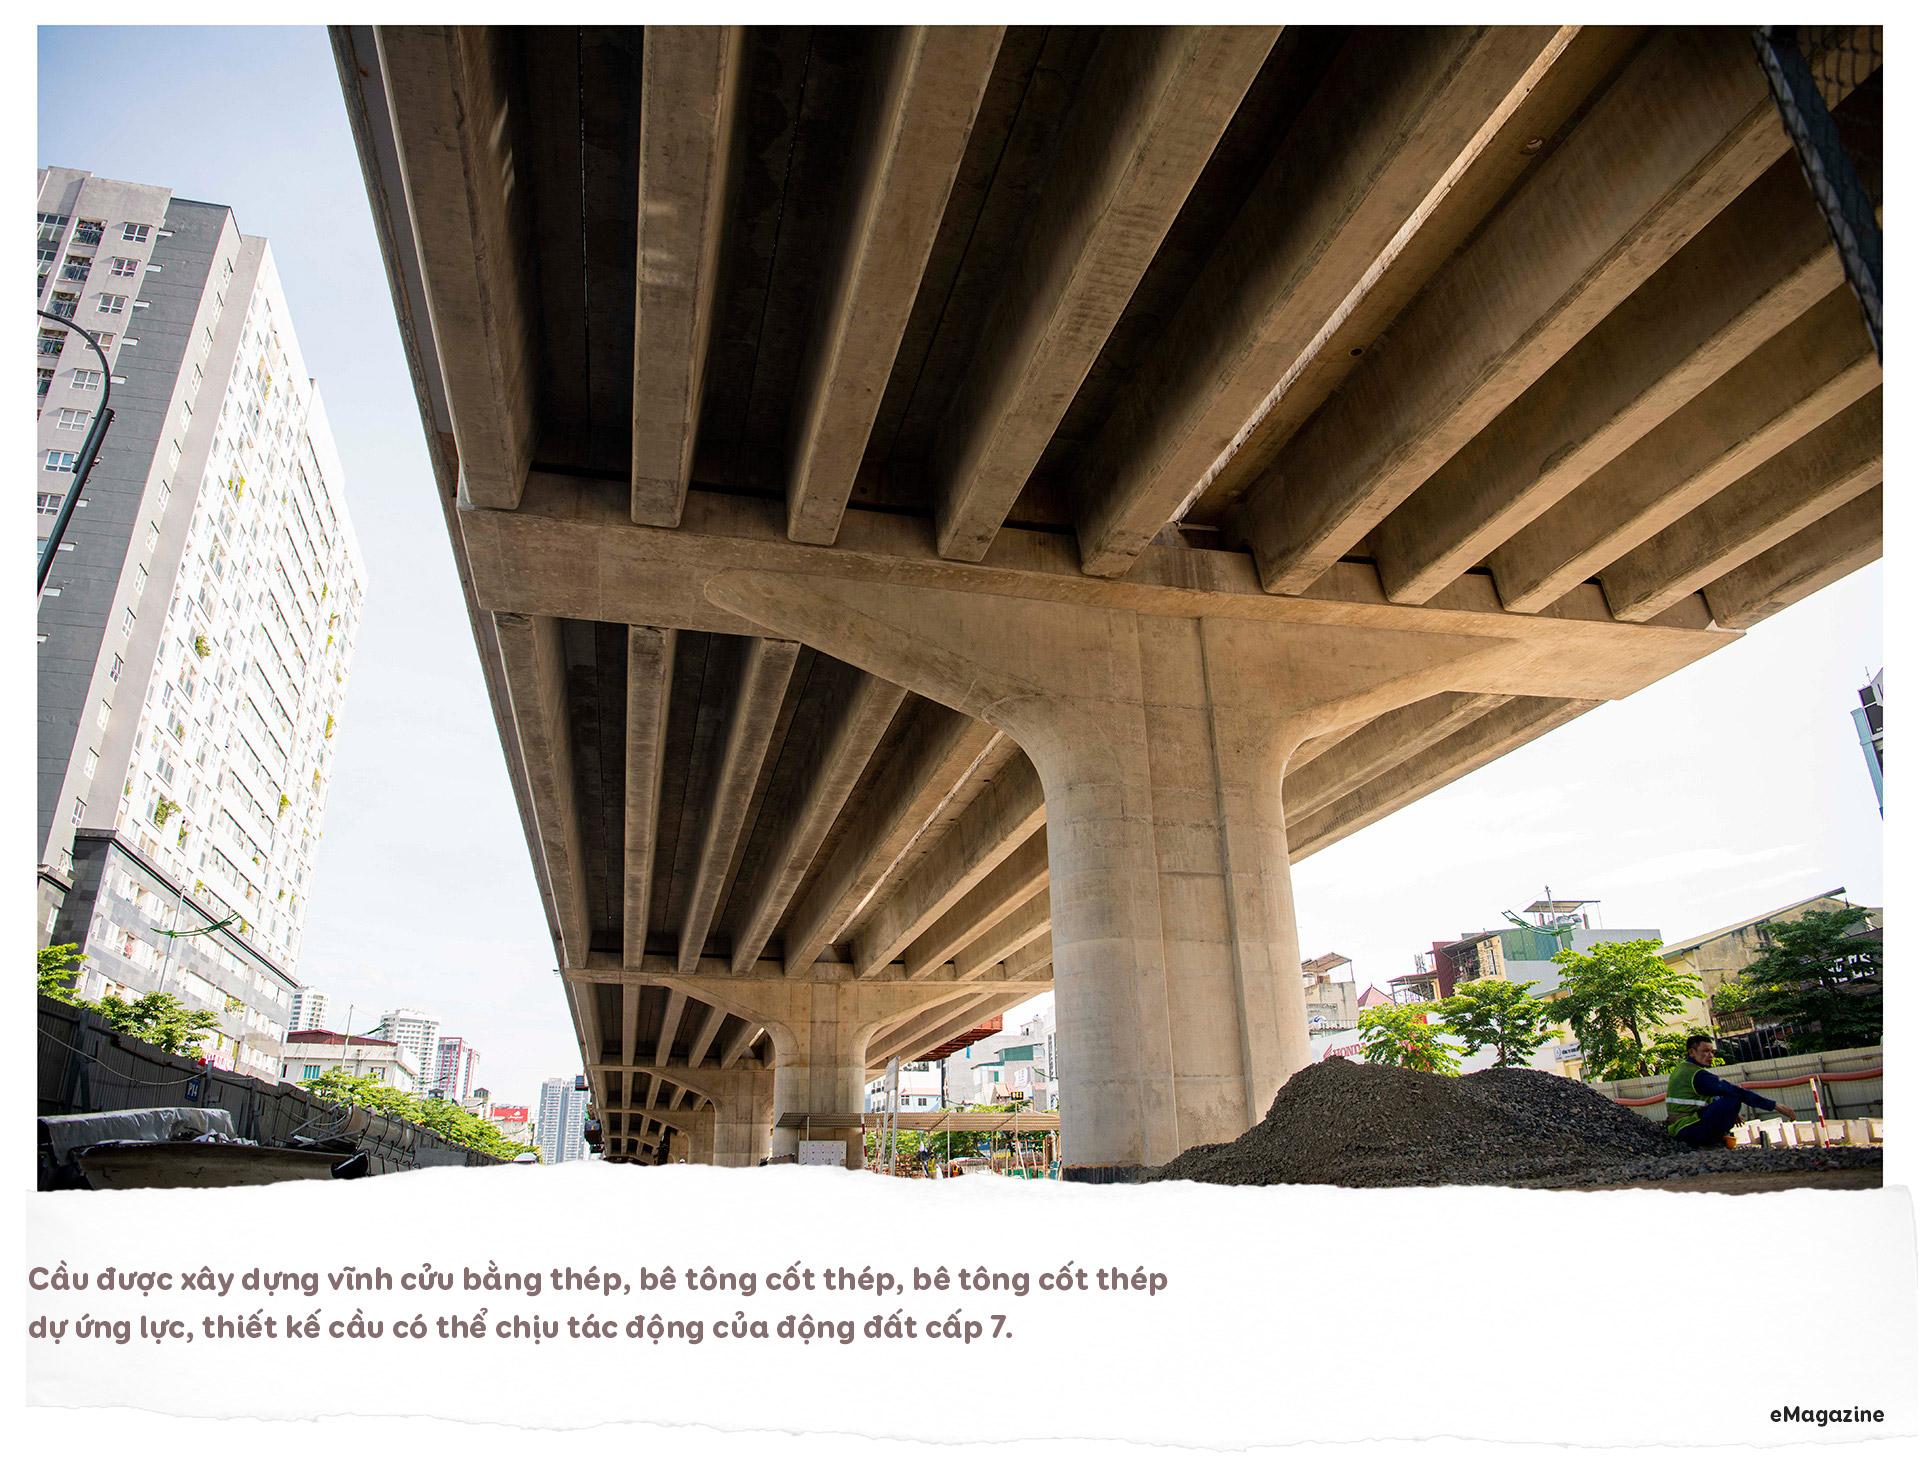 Diện mạo cầu cạn hơn 1.000 tỷ đồng/1 km nối với cây cầu 2 tầng độc nhất - 8